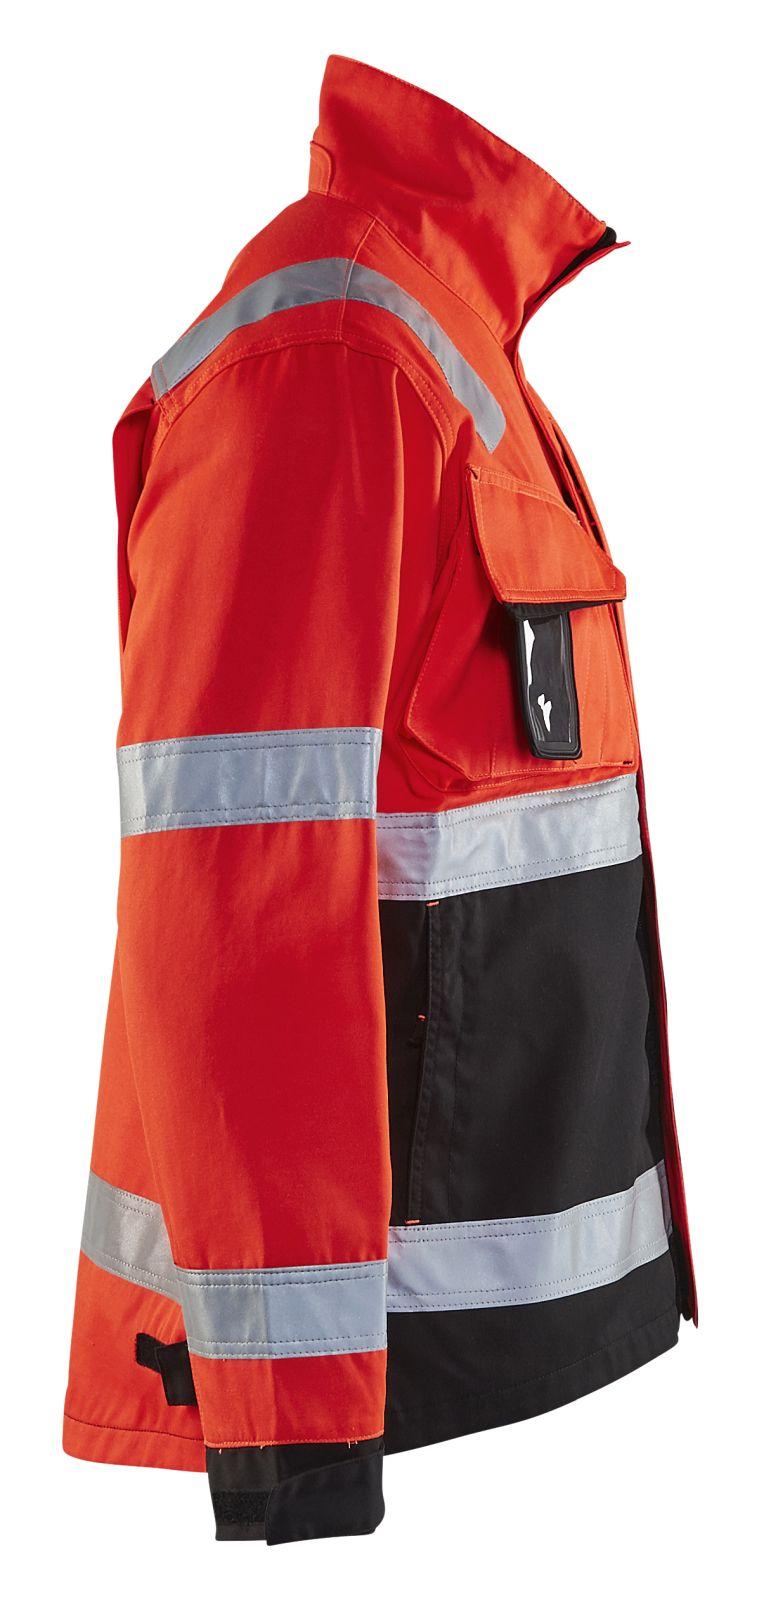 Blaklader Jassen 40641811 High Vis fluo rood-zwart(5599)